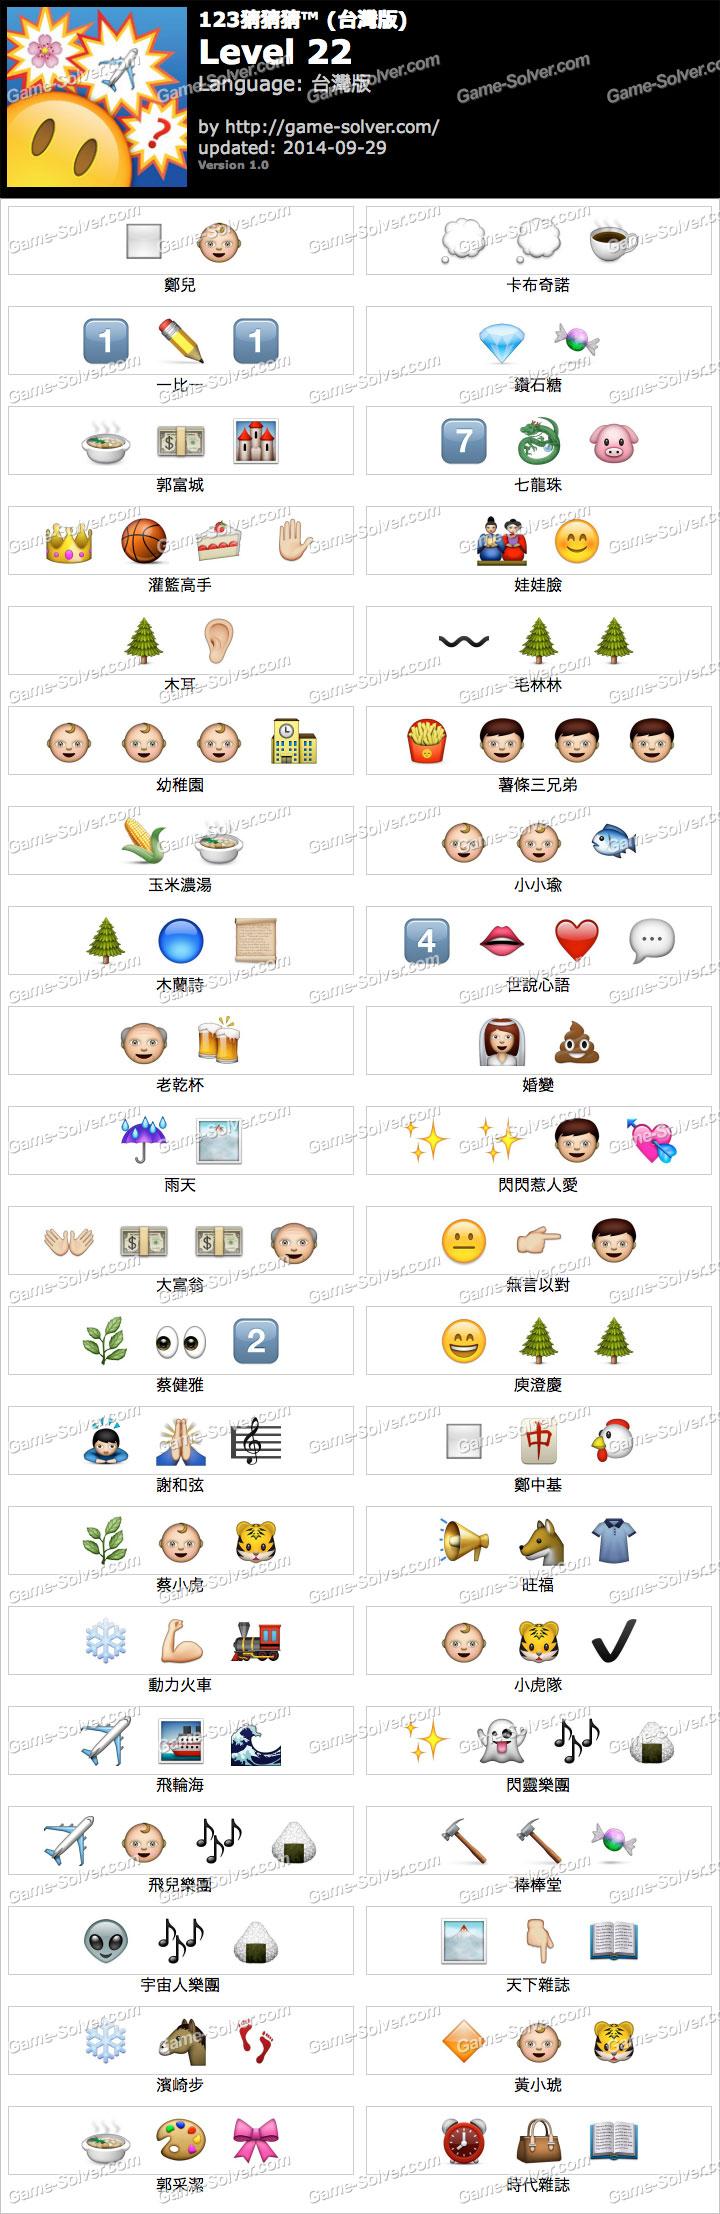 123猜猜猜台灣版答案等級22